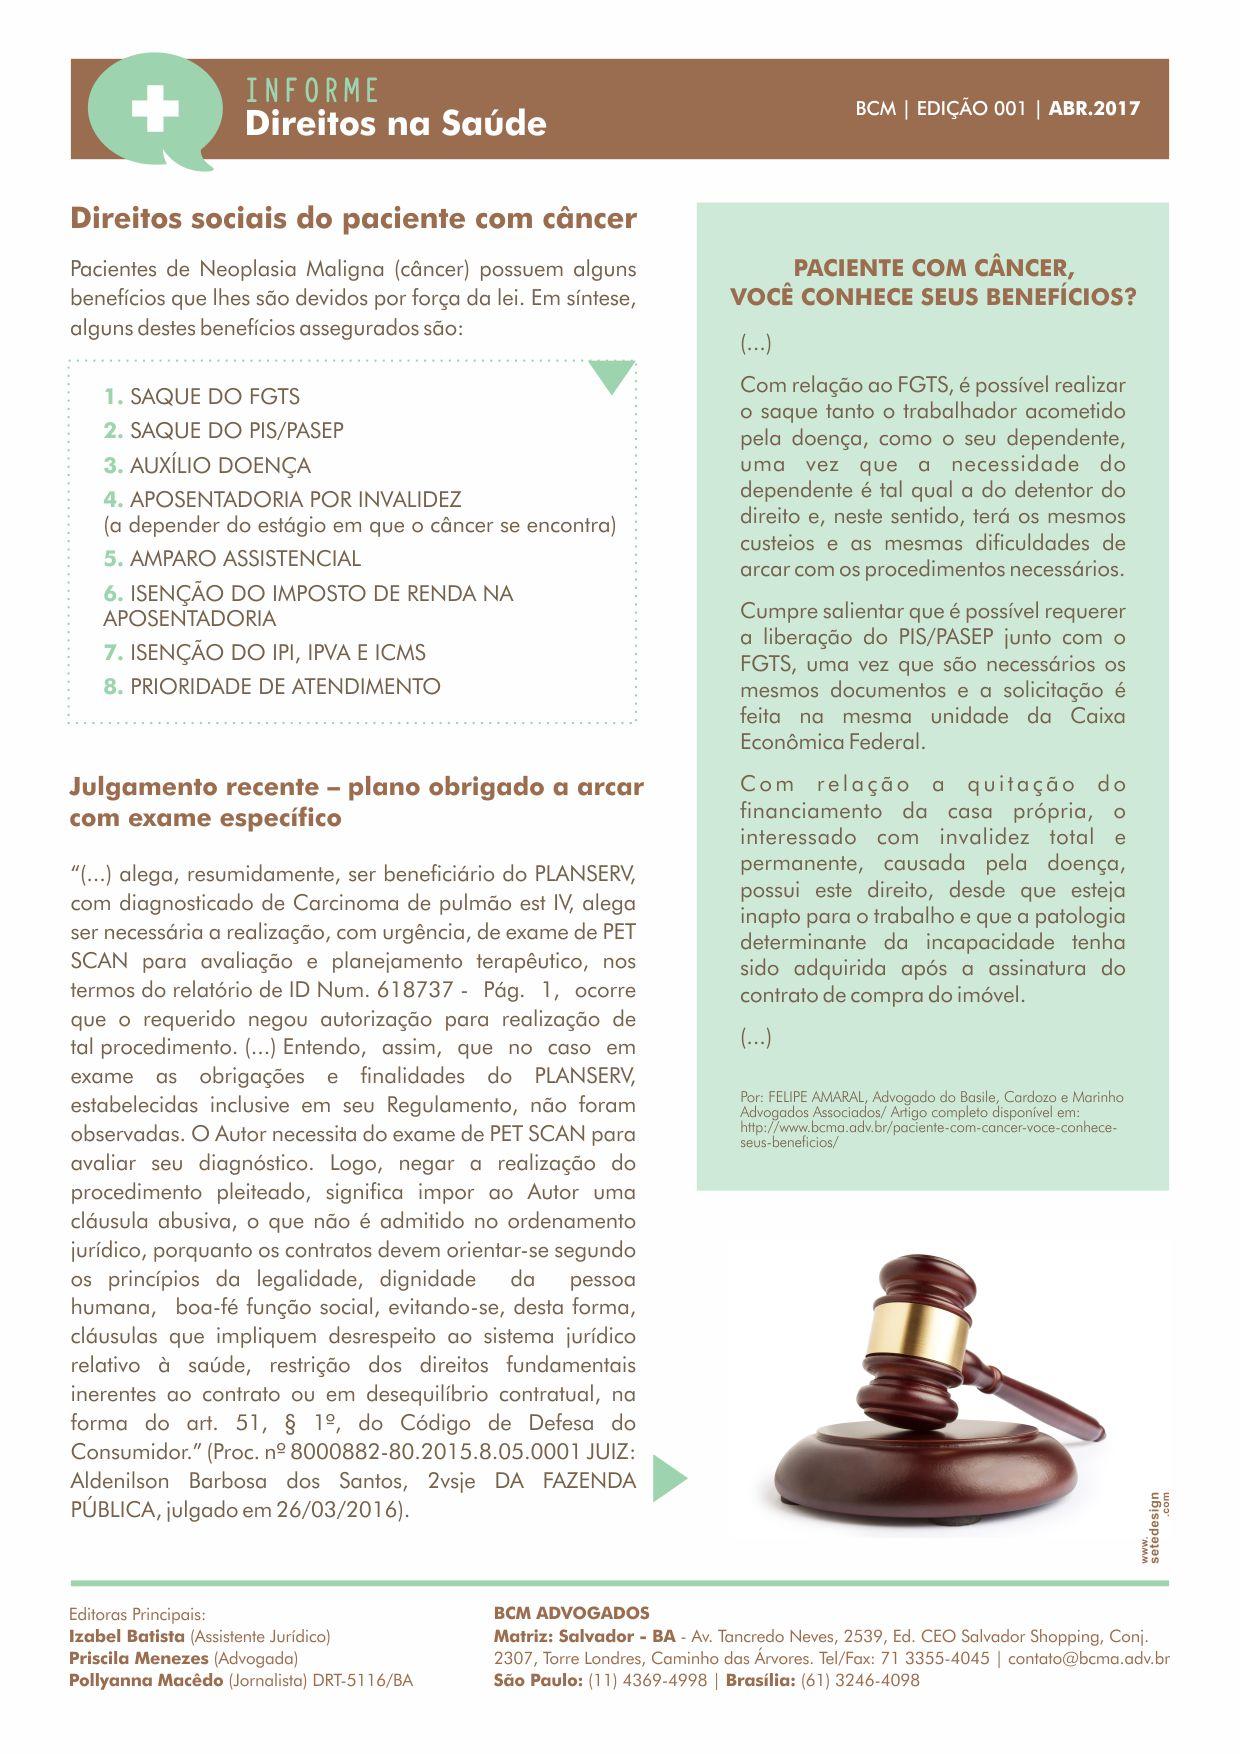 informativo_direitos na saude_BCM adv_01_02